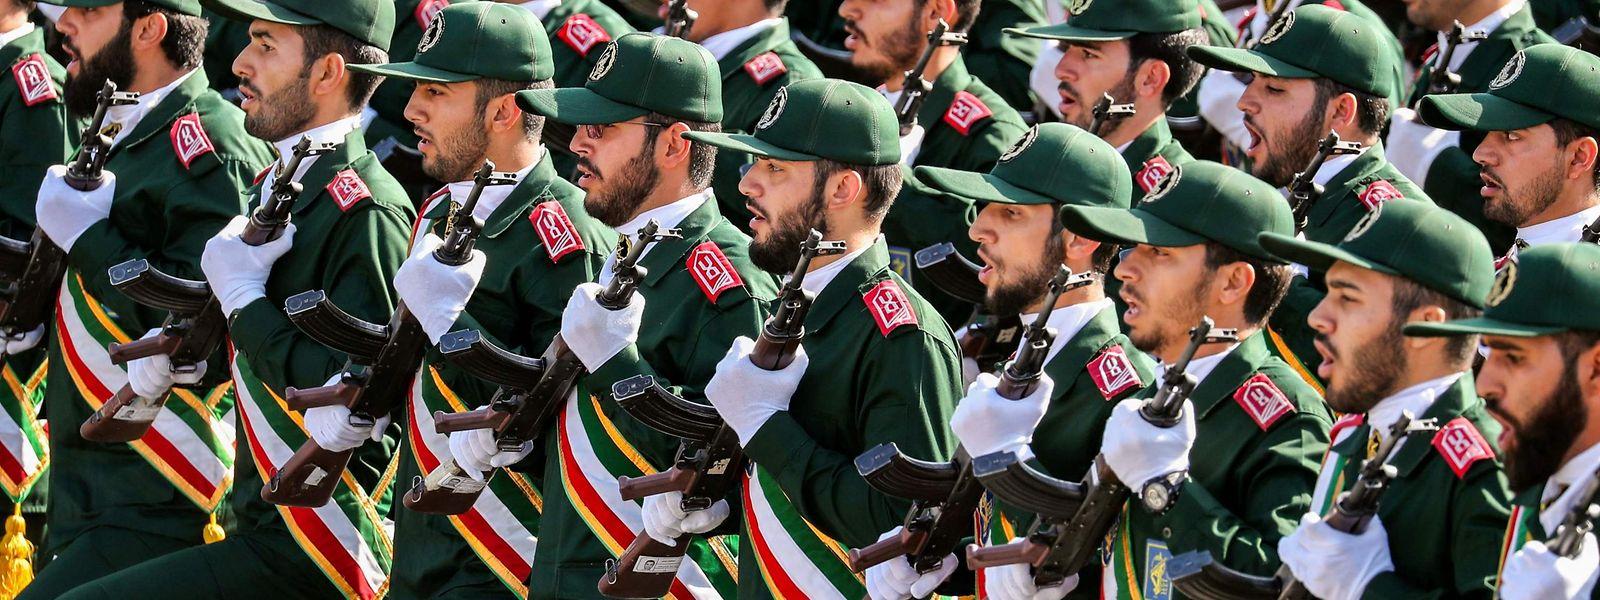 Angehörige der iranischen Revolutionsgarden.